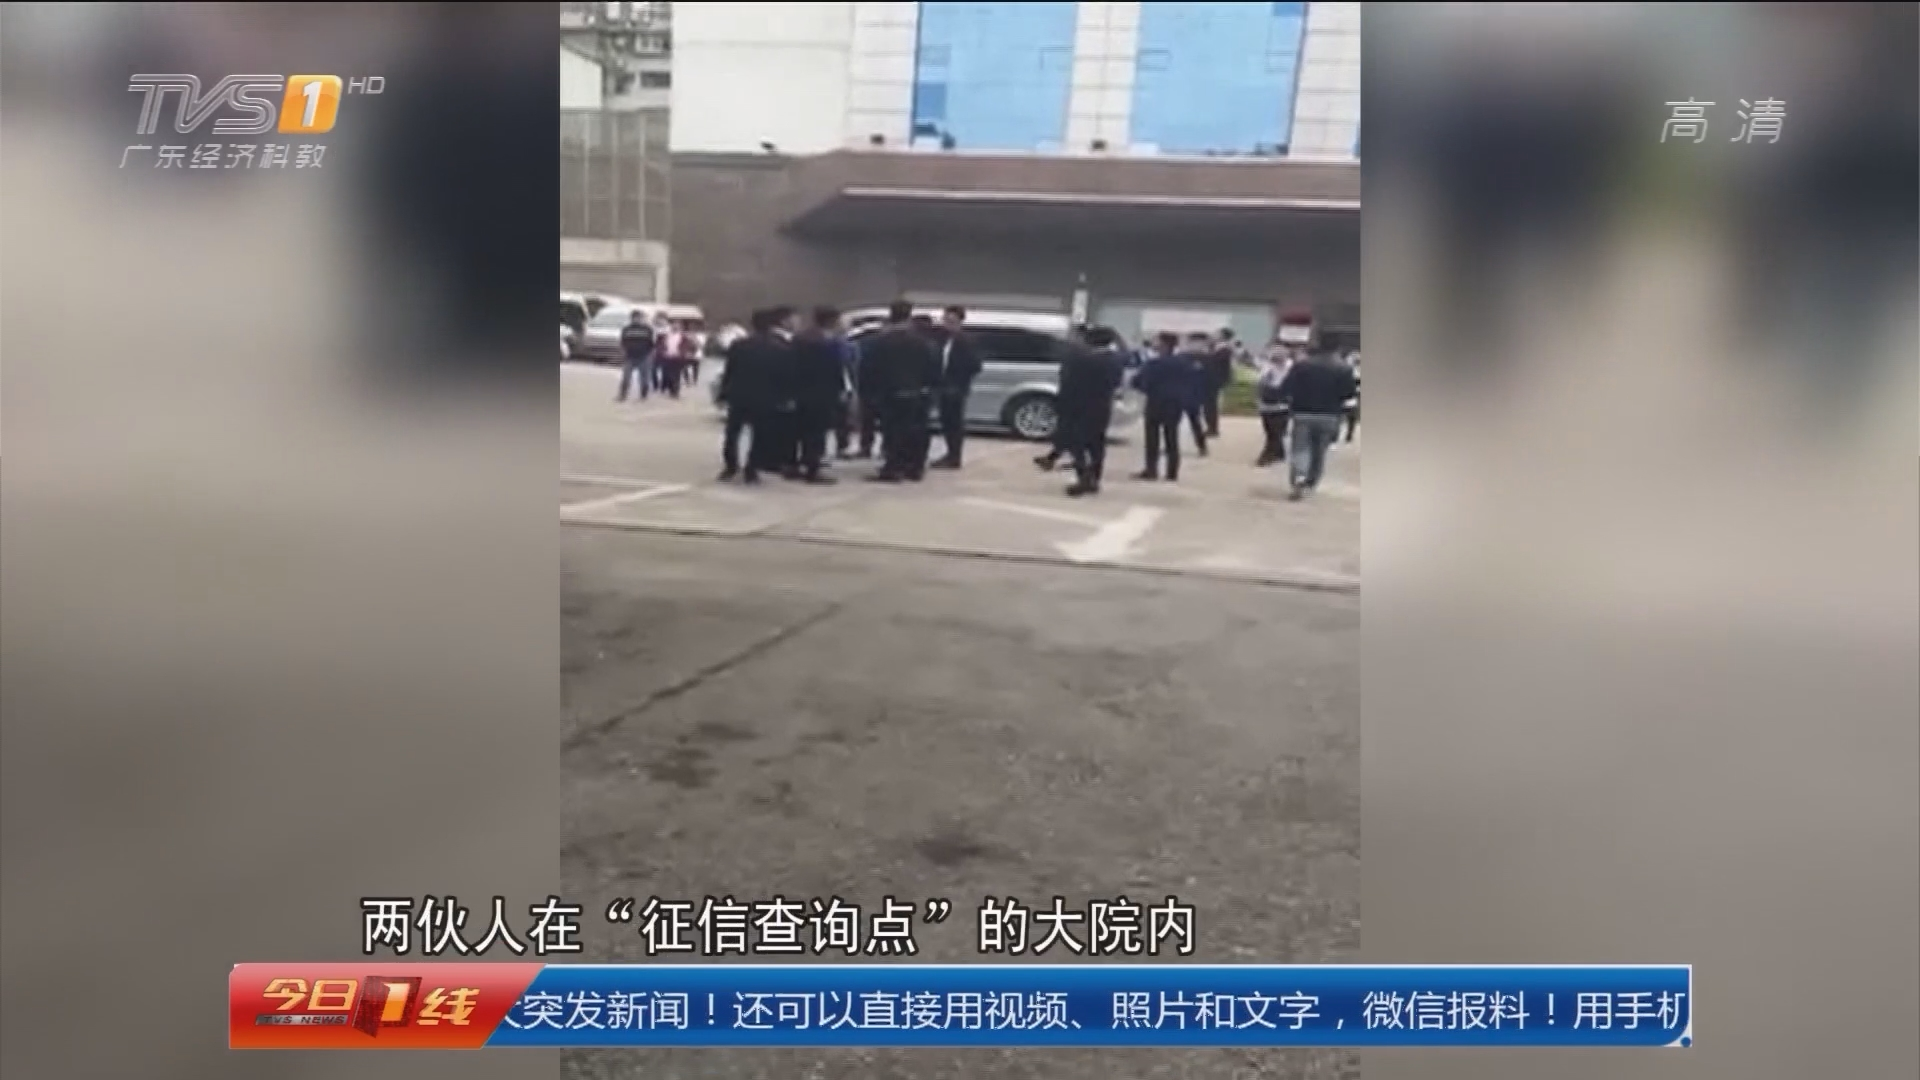 广州越秀:制服男火爆群殴 疑金融黄牛抢客引发